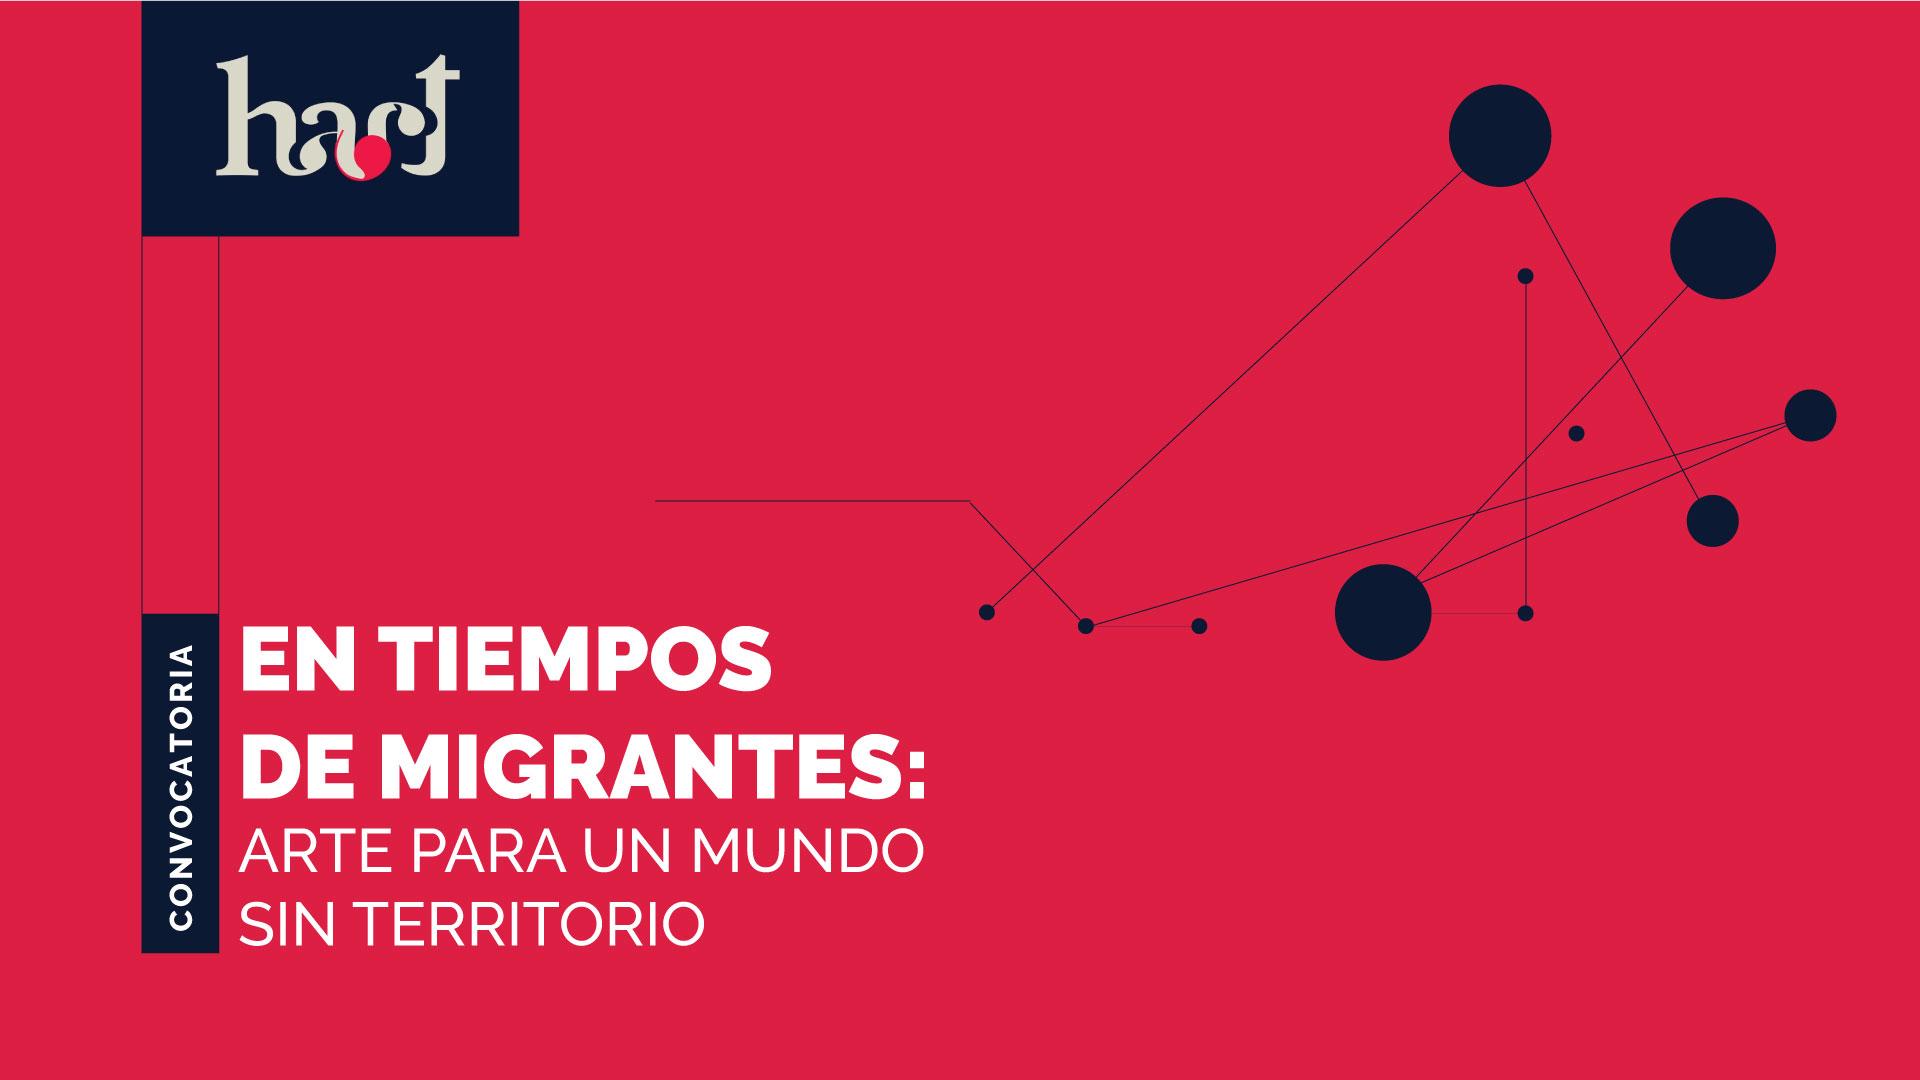 Convocatoria Revista H-ART. En tiempos de migrantes: arte para un mundo sin territorio